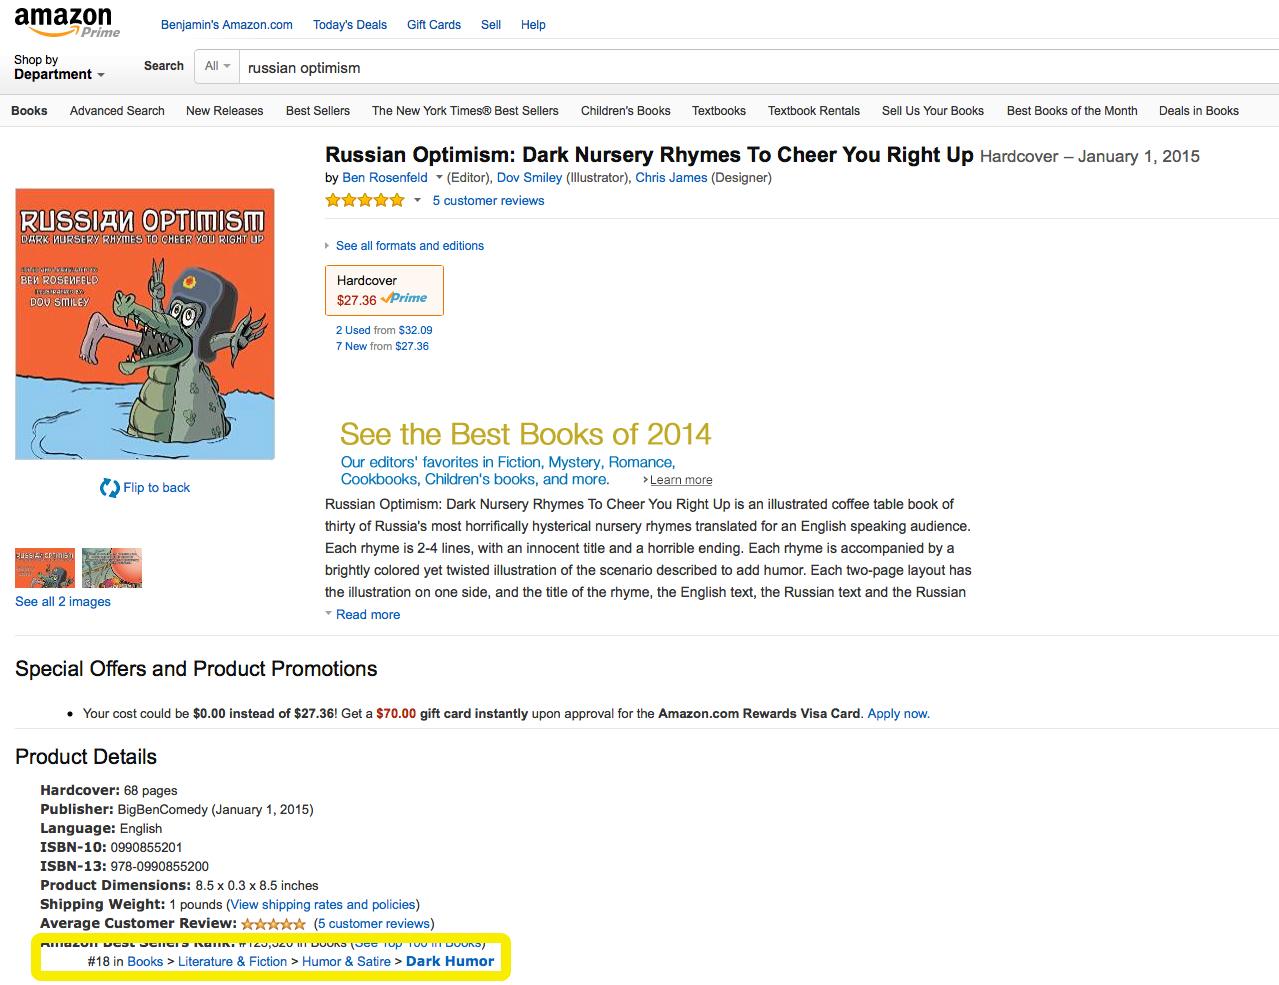 Russian Optimism has been in Amazon's Top 20 Best Sellers for Dark Humor